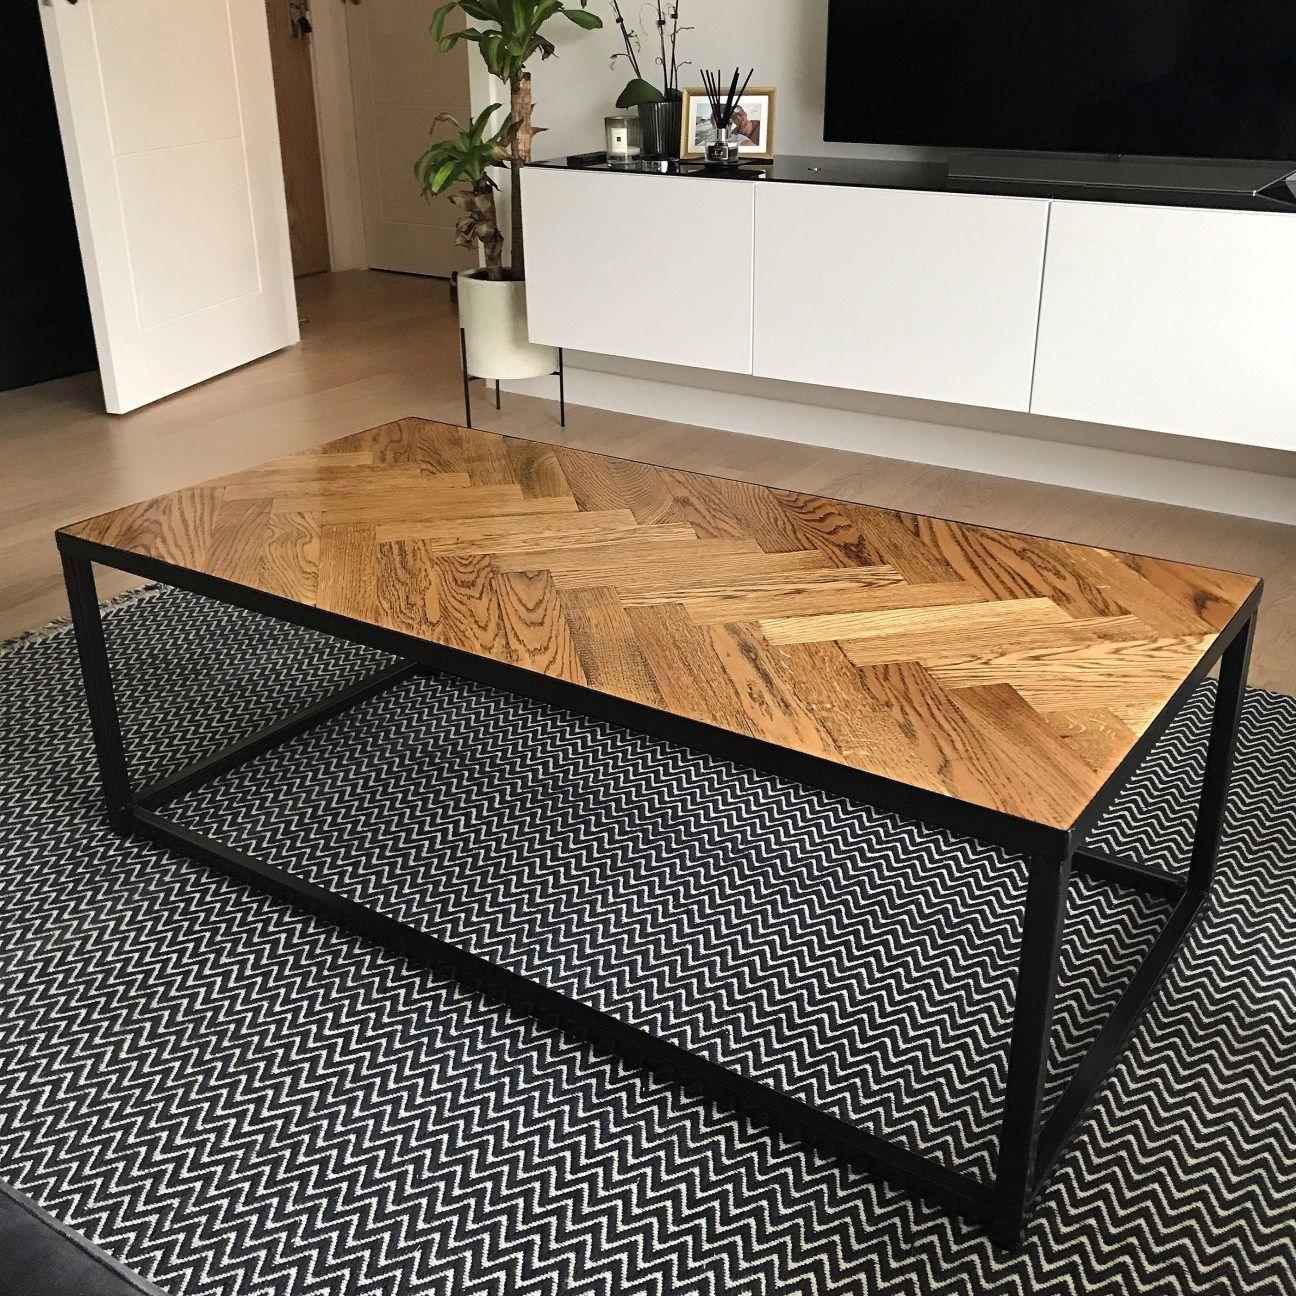 Leftover Wood Flooring 4 Creative Ideas Solid wood